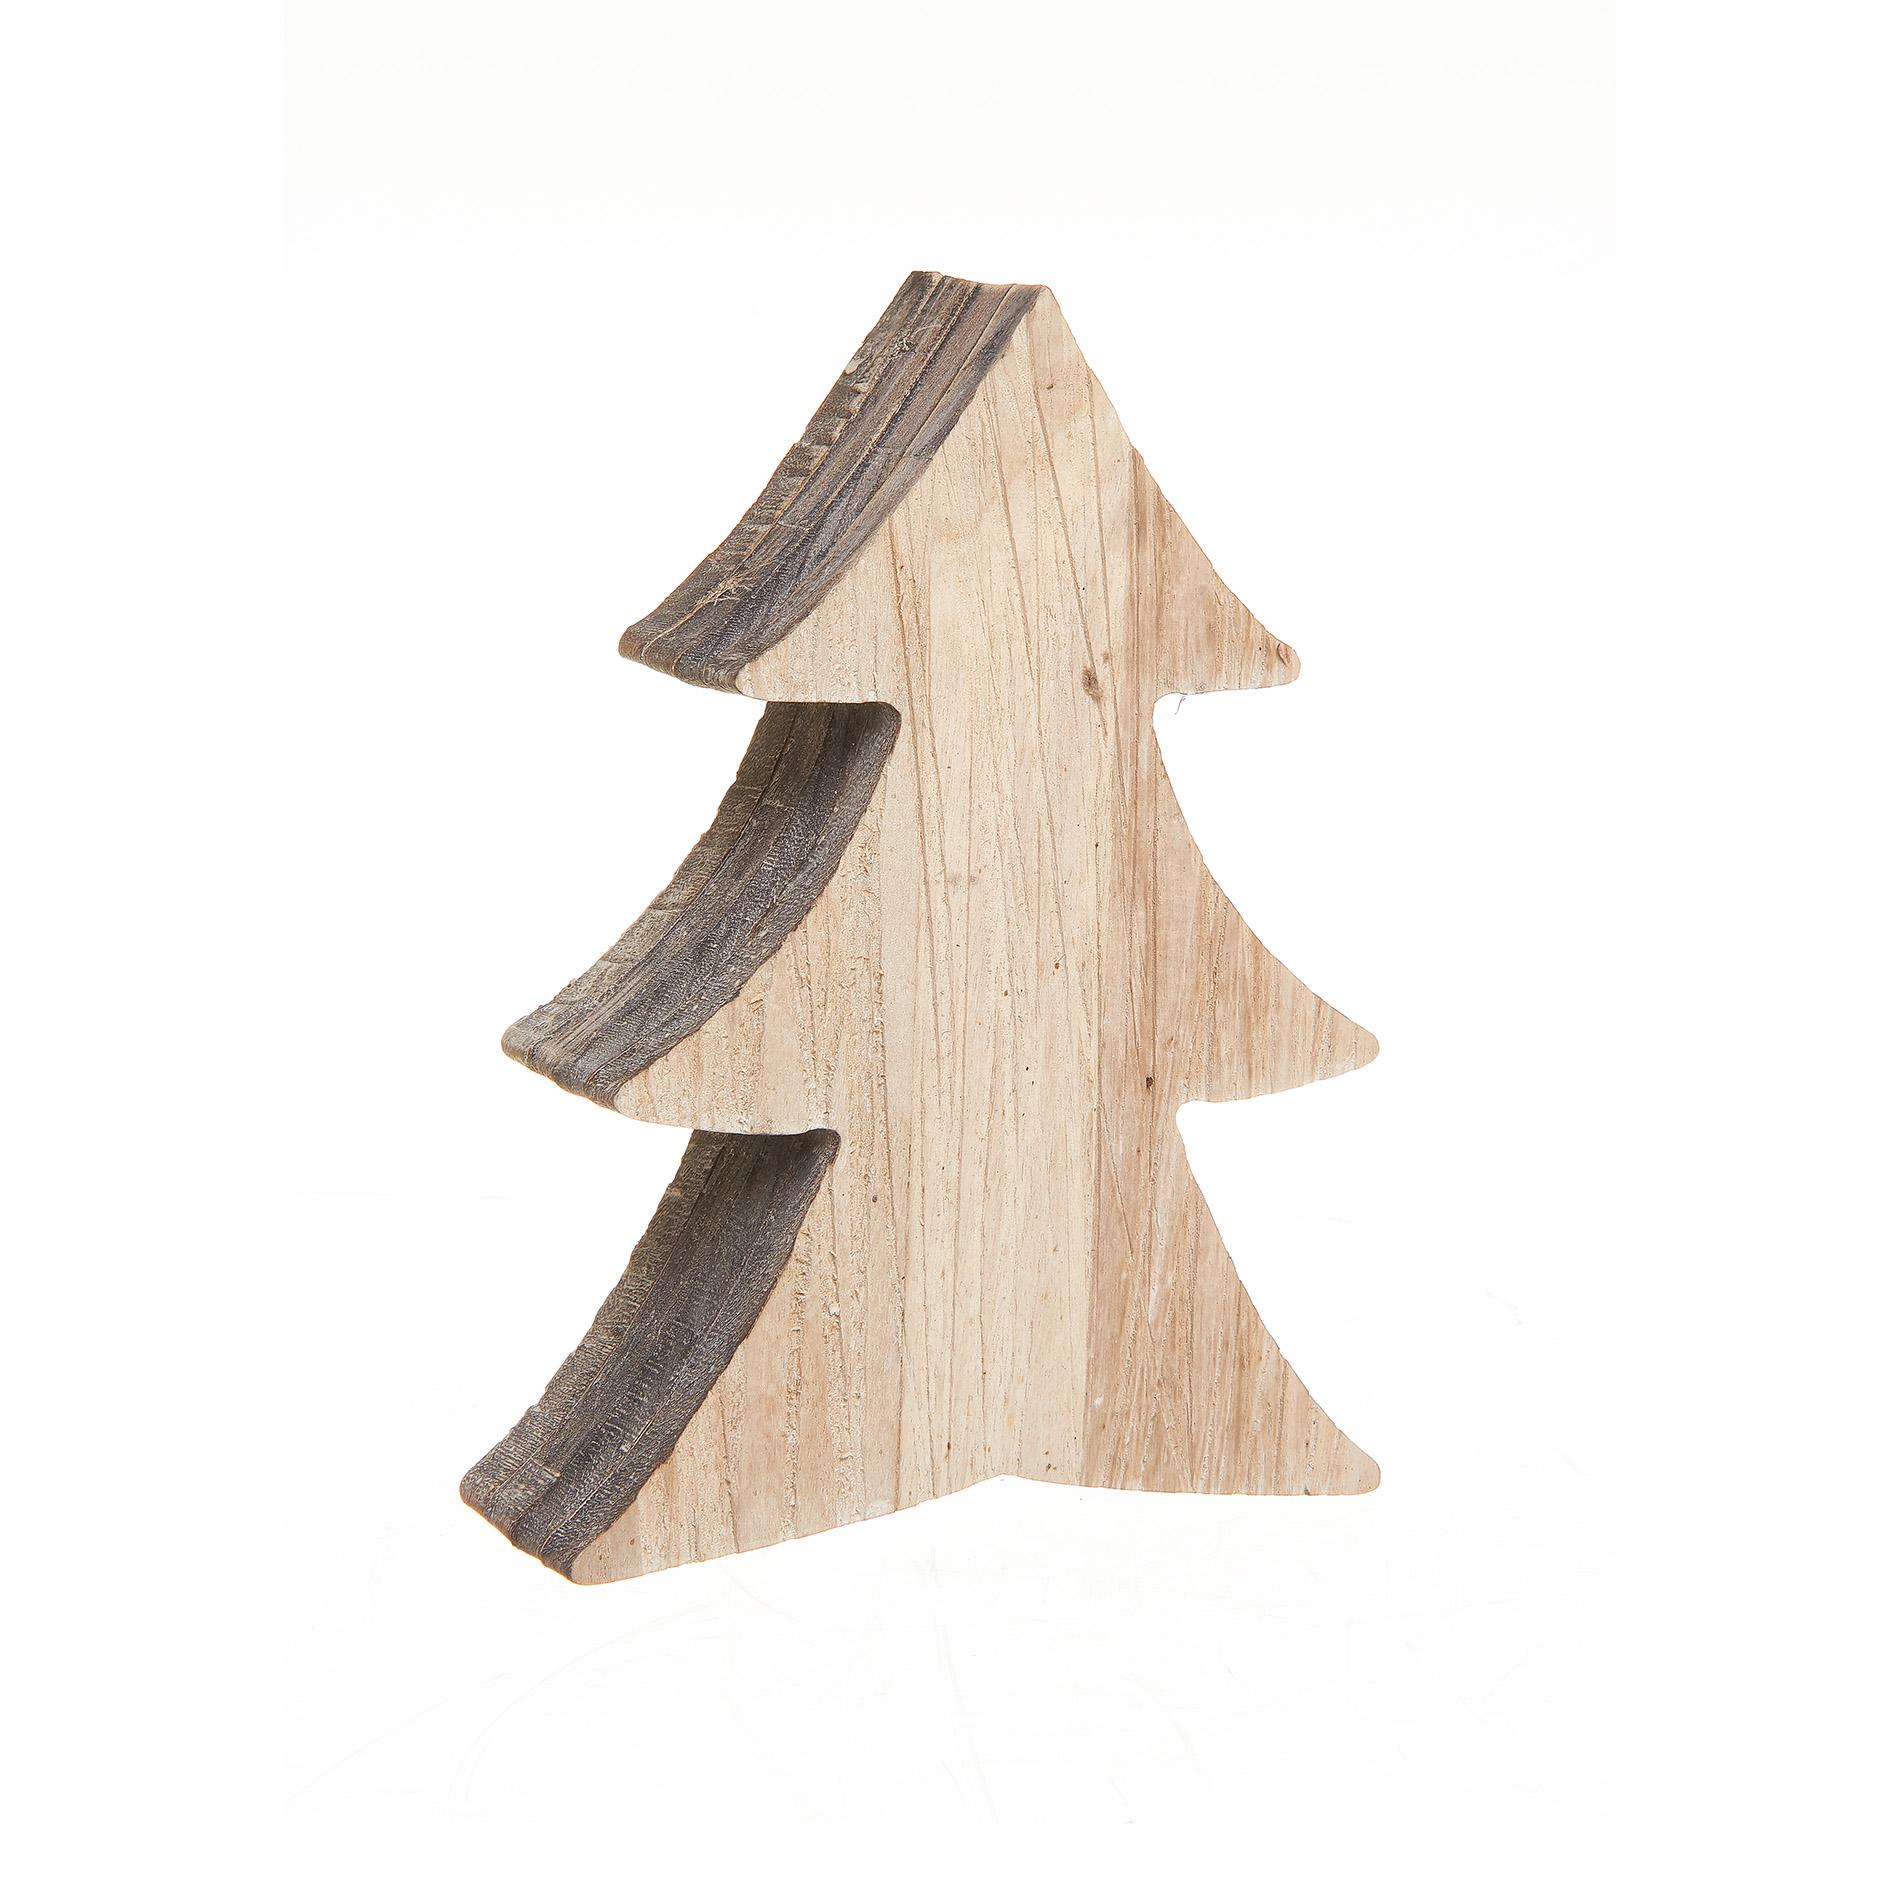 Albero di natale legno con venature coincasa for Albero di natale di legno